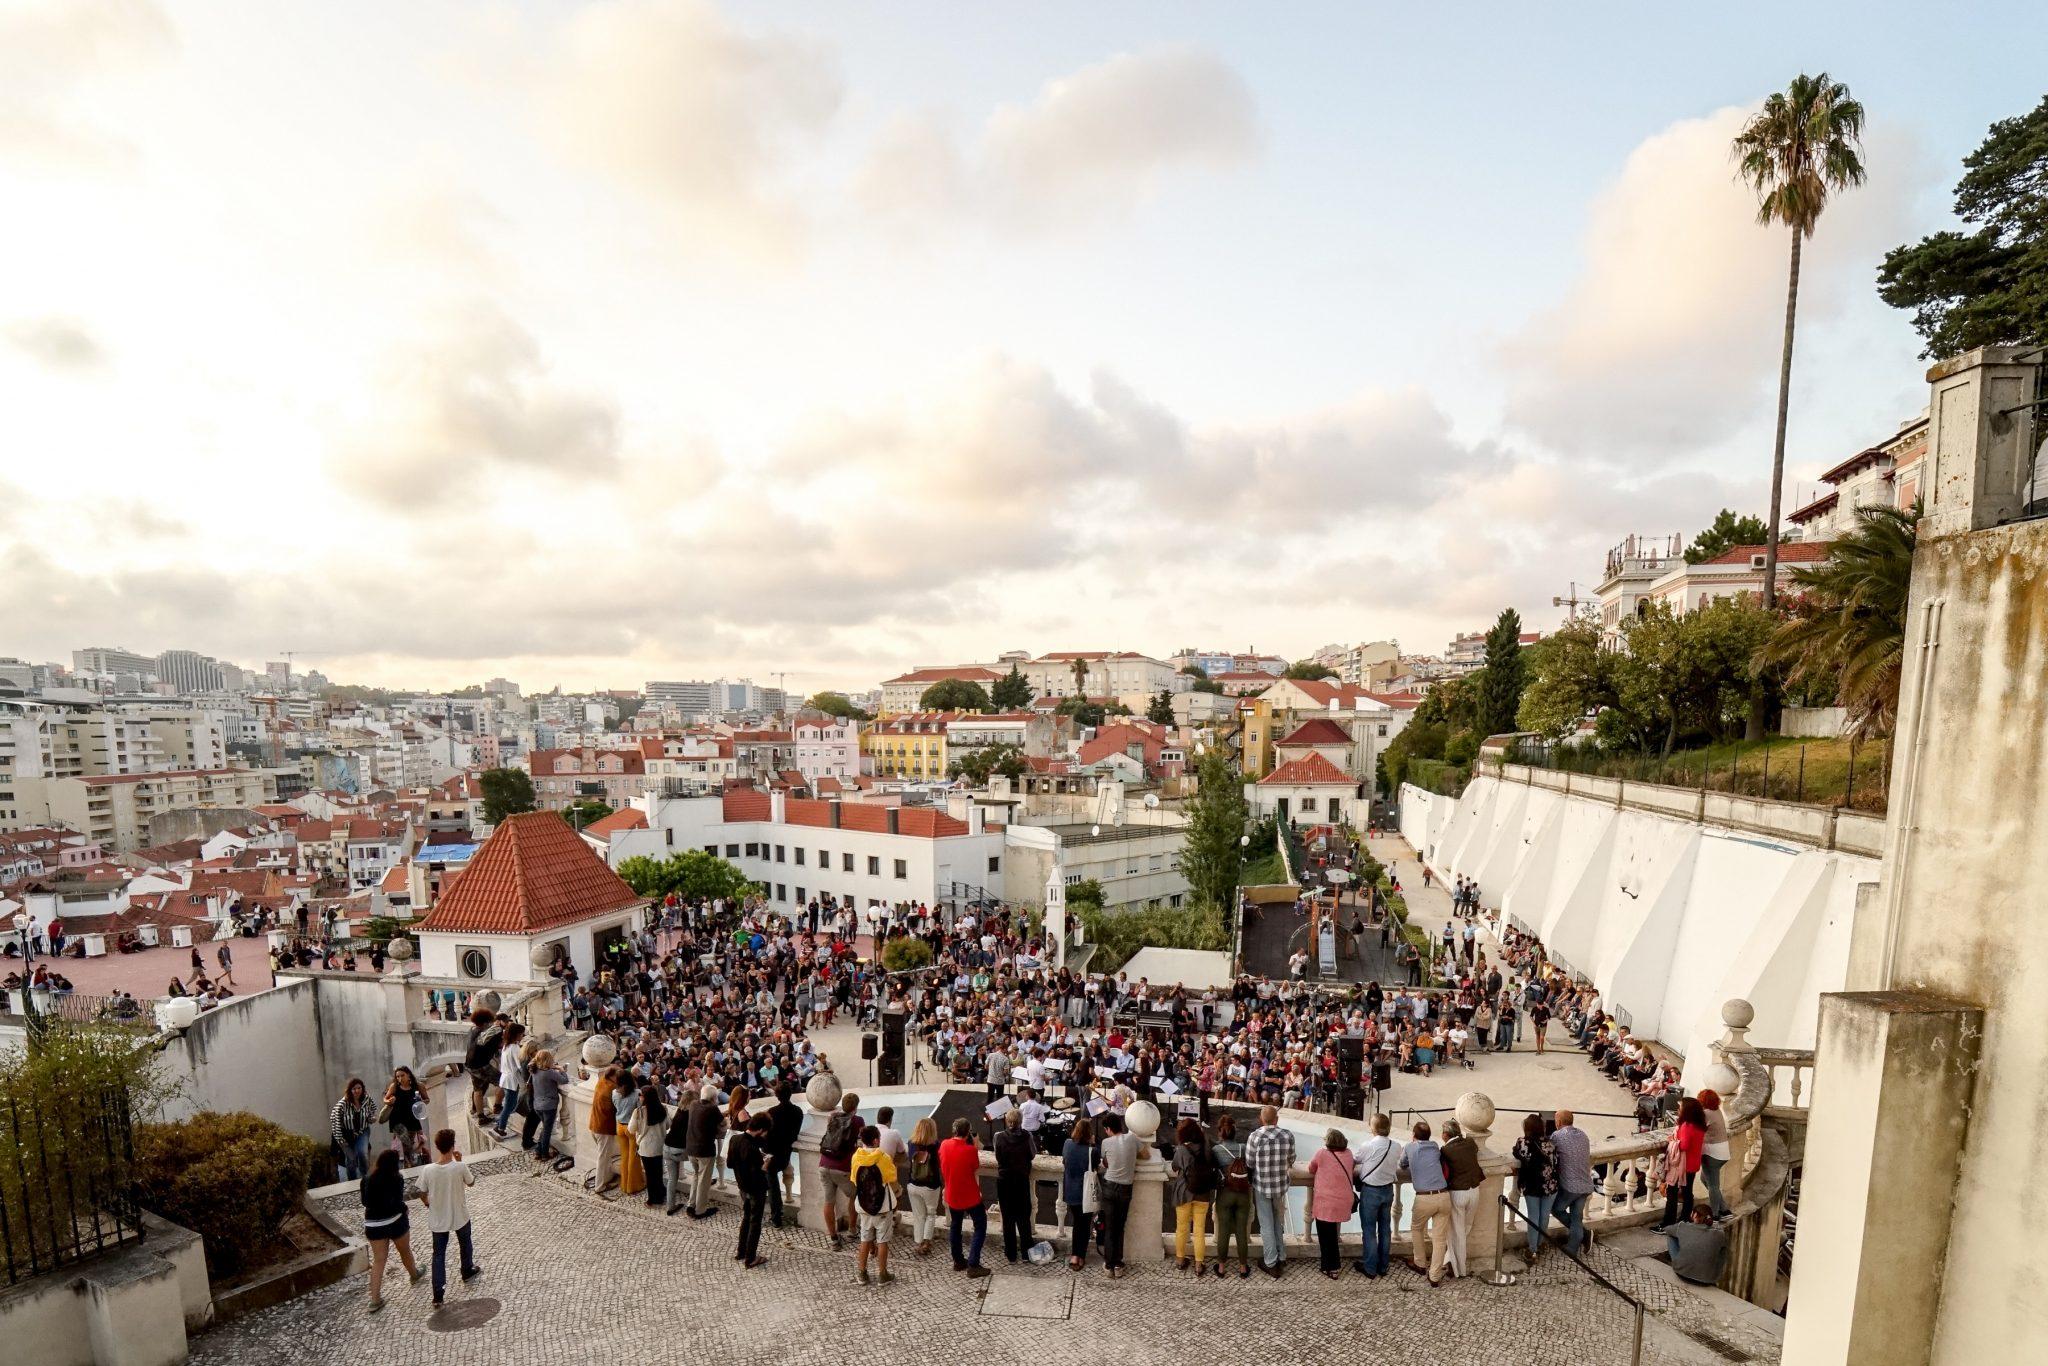 Pessoas de pé, de costas para o observador, num plano superior ao palco e a um outro grupo de pessoas, sentadas e de pé, de frente para o observador